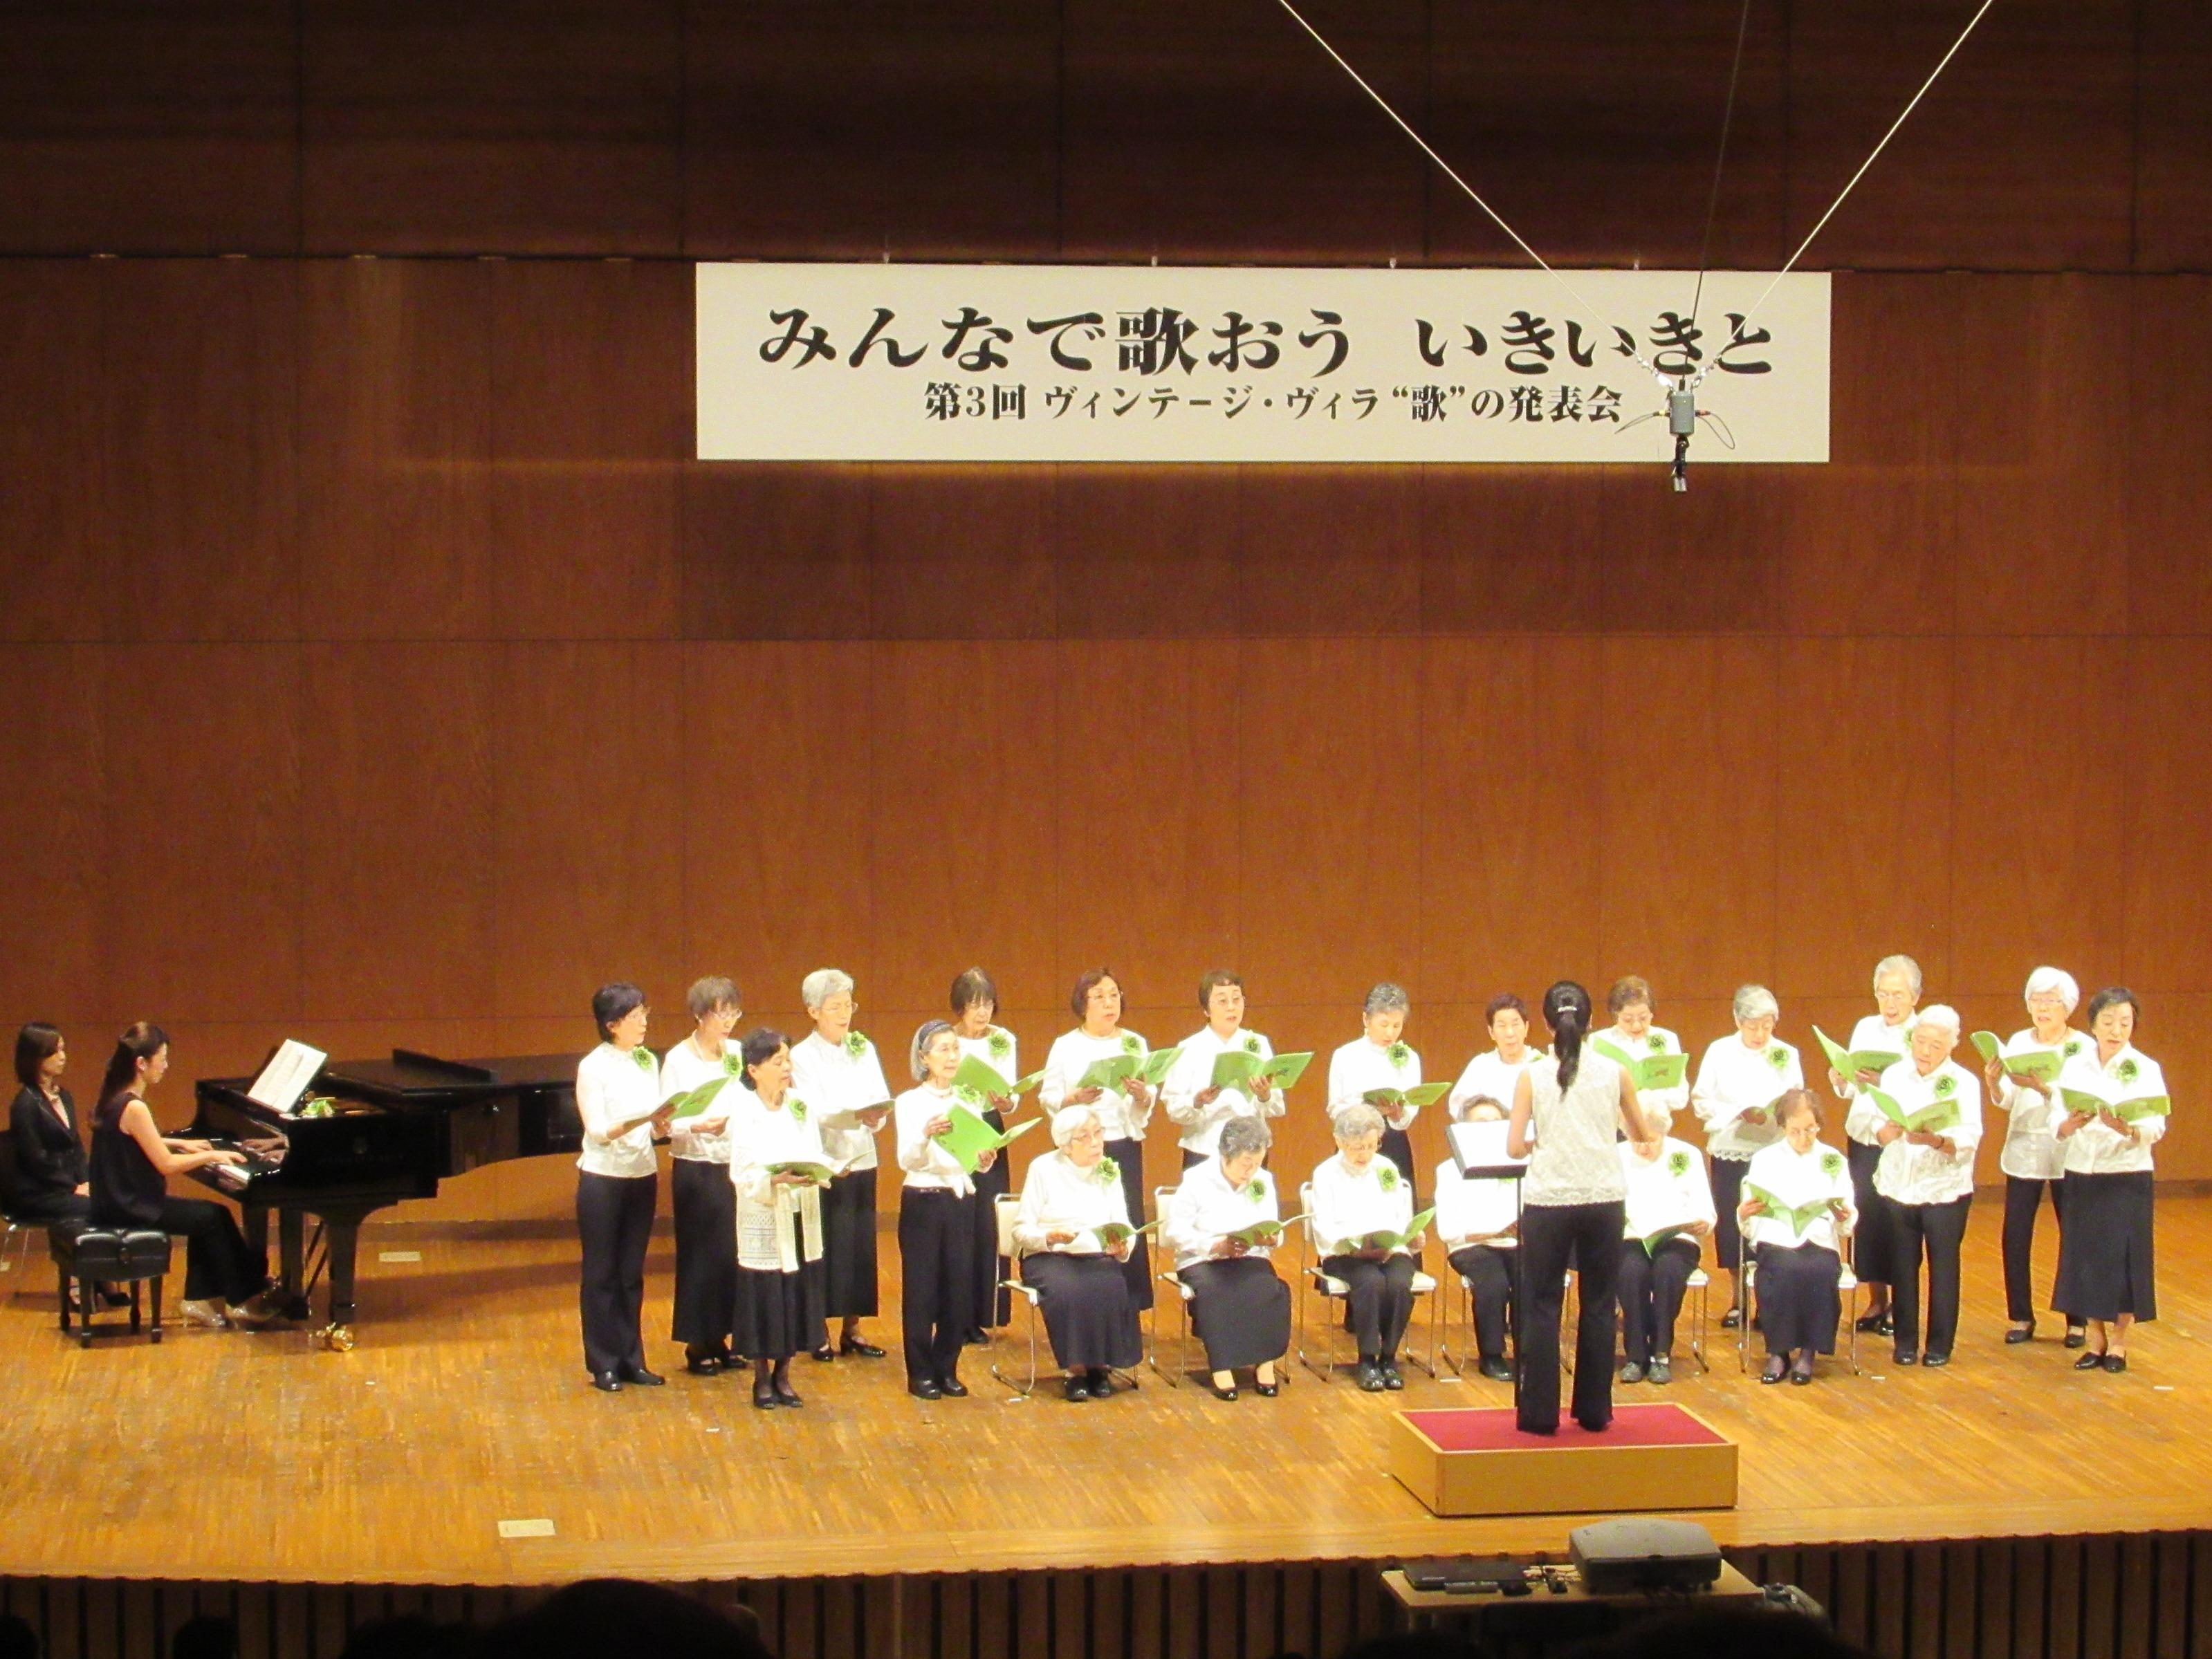 20170910_vvsagamihara_chorus.jpg